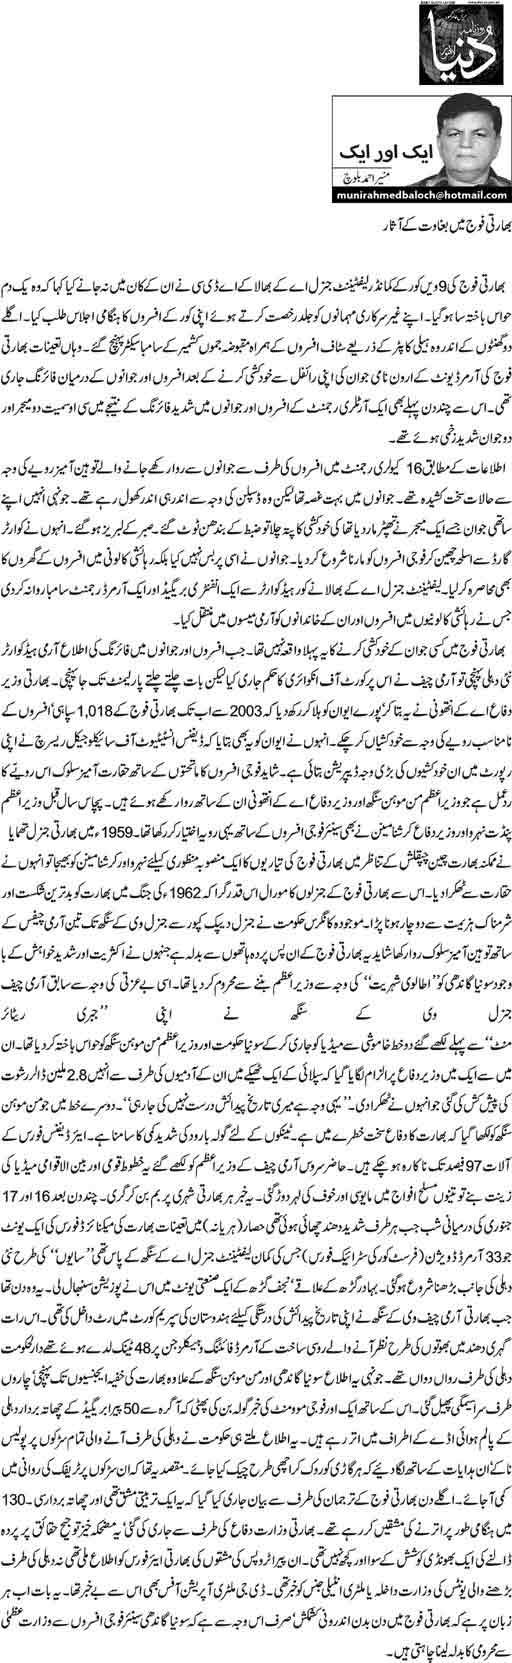 Bharti fauj main baghawat k aasar - Munir Ahmed Baloch